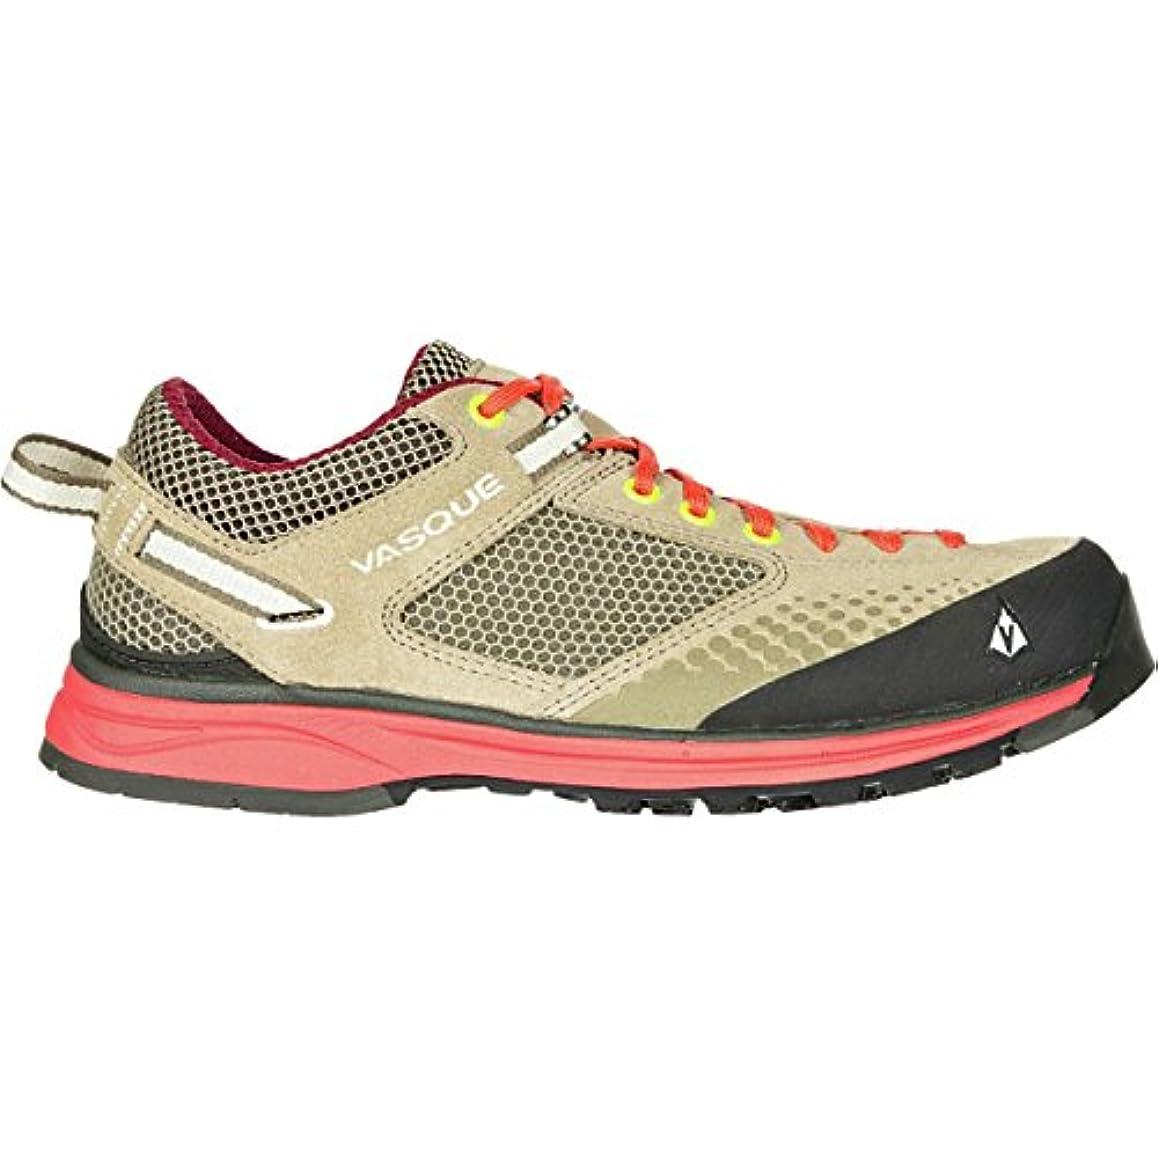 束ねる成功今まで[バスク] レディース ハイキング Grand Traverse Hiking Shoe - Women's [並行輸入品]